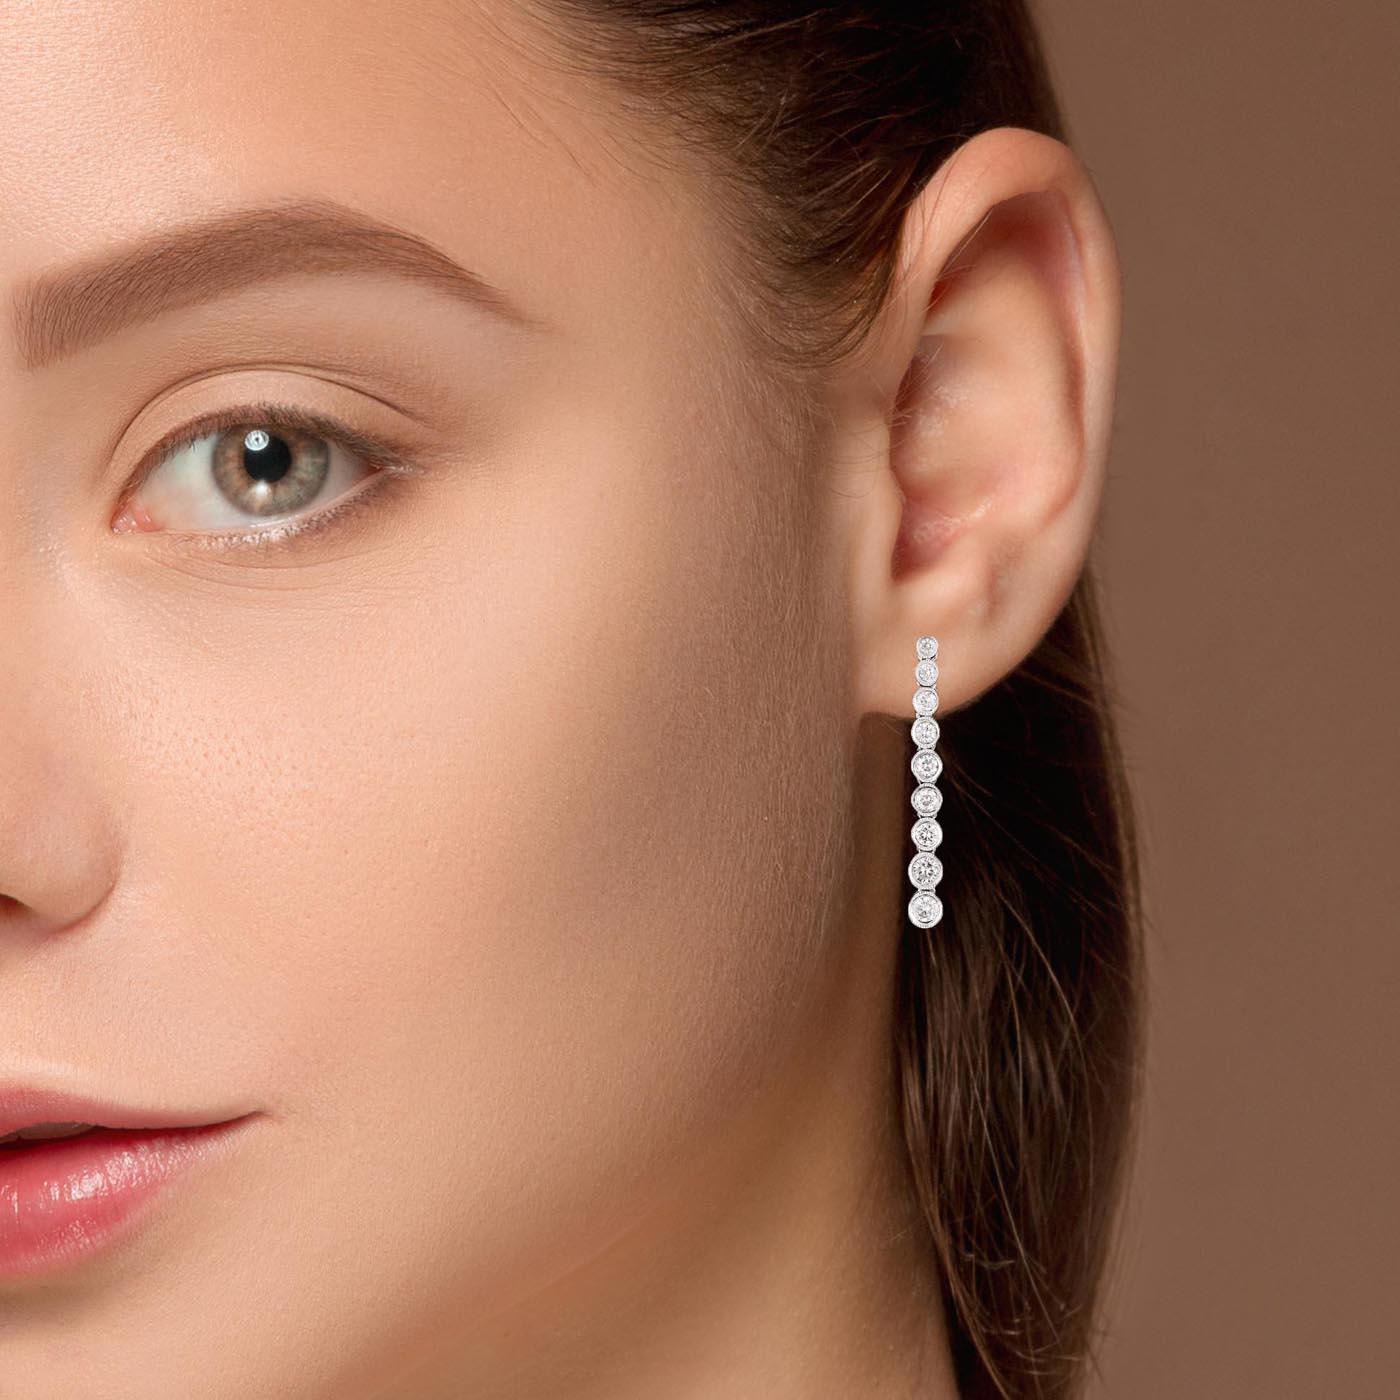 Classic Diamond EarringsStyle #: MD-EAR10003